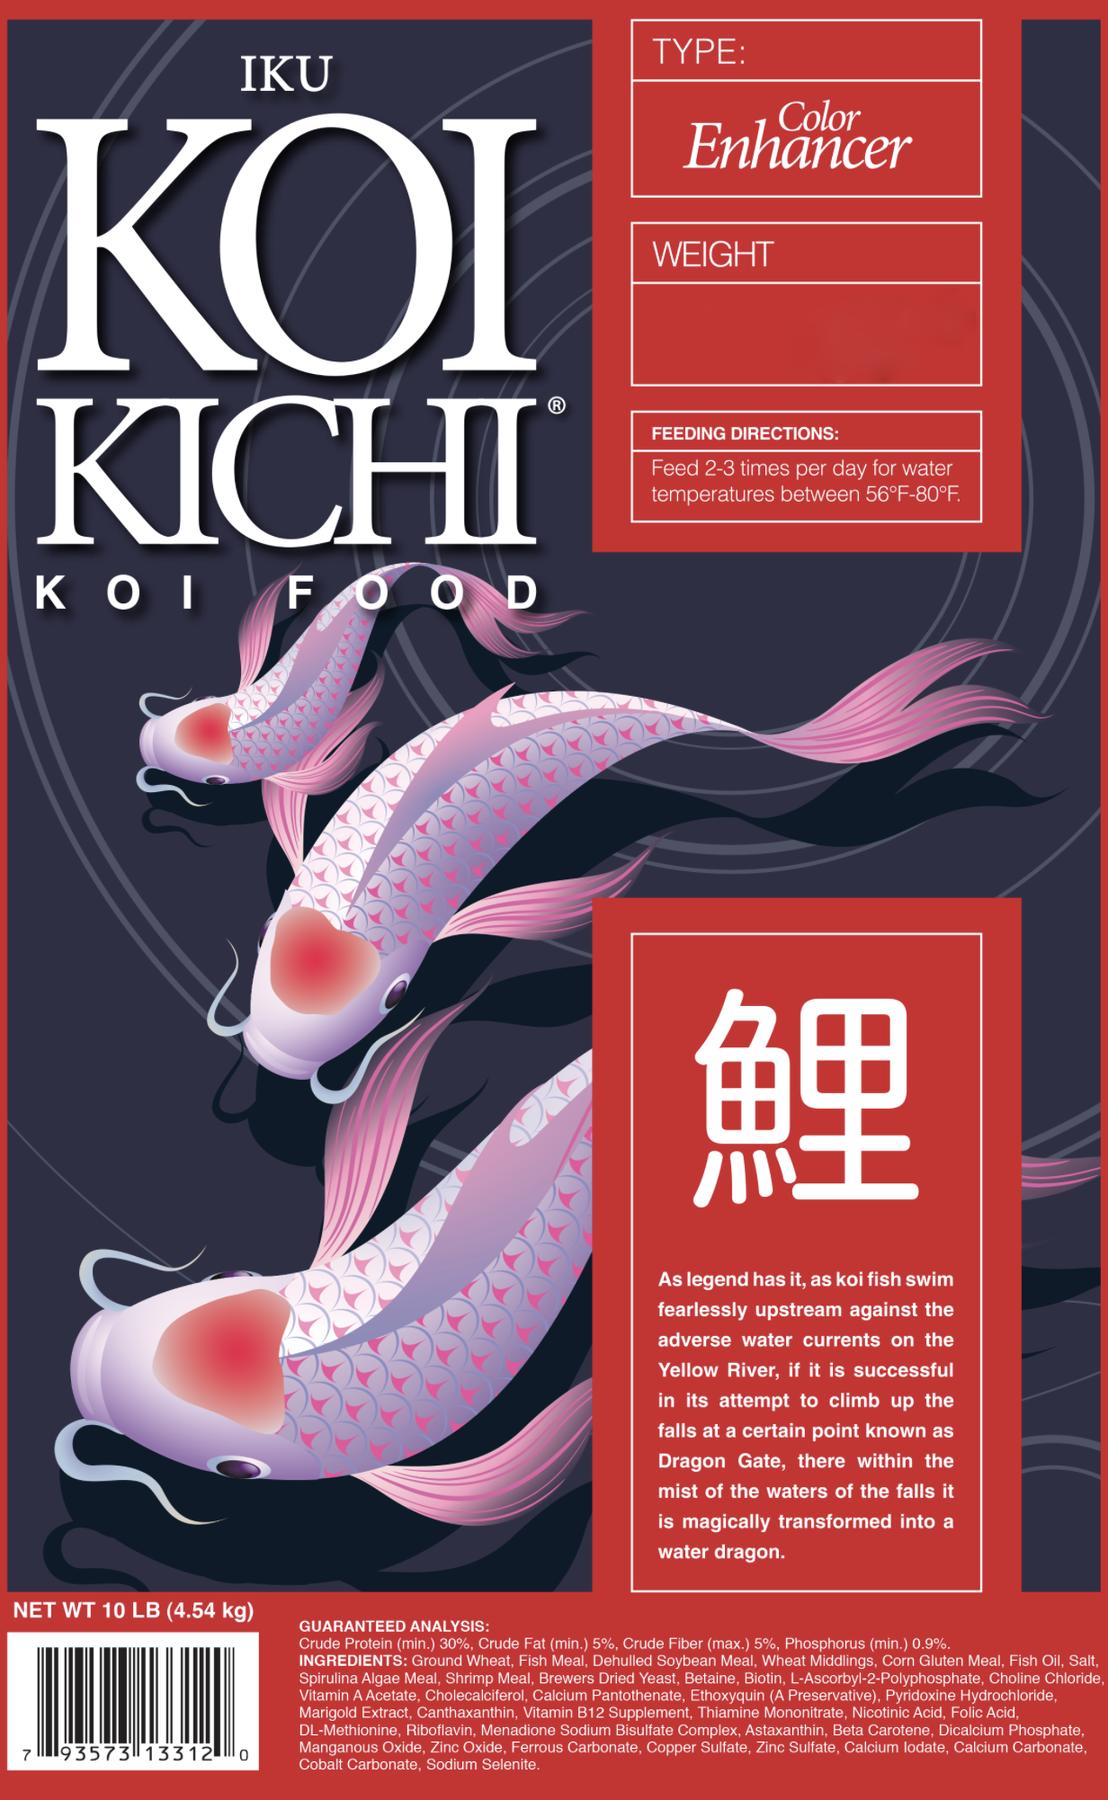 Iku Koi Kichi Color Enhancer Koi Fish Food - 2 lbs.